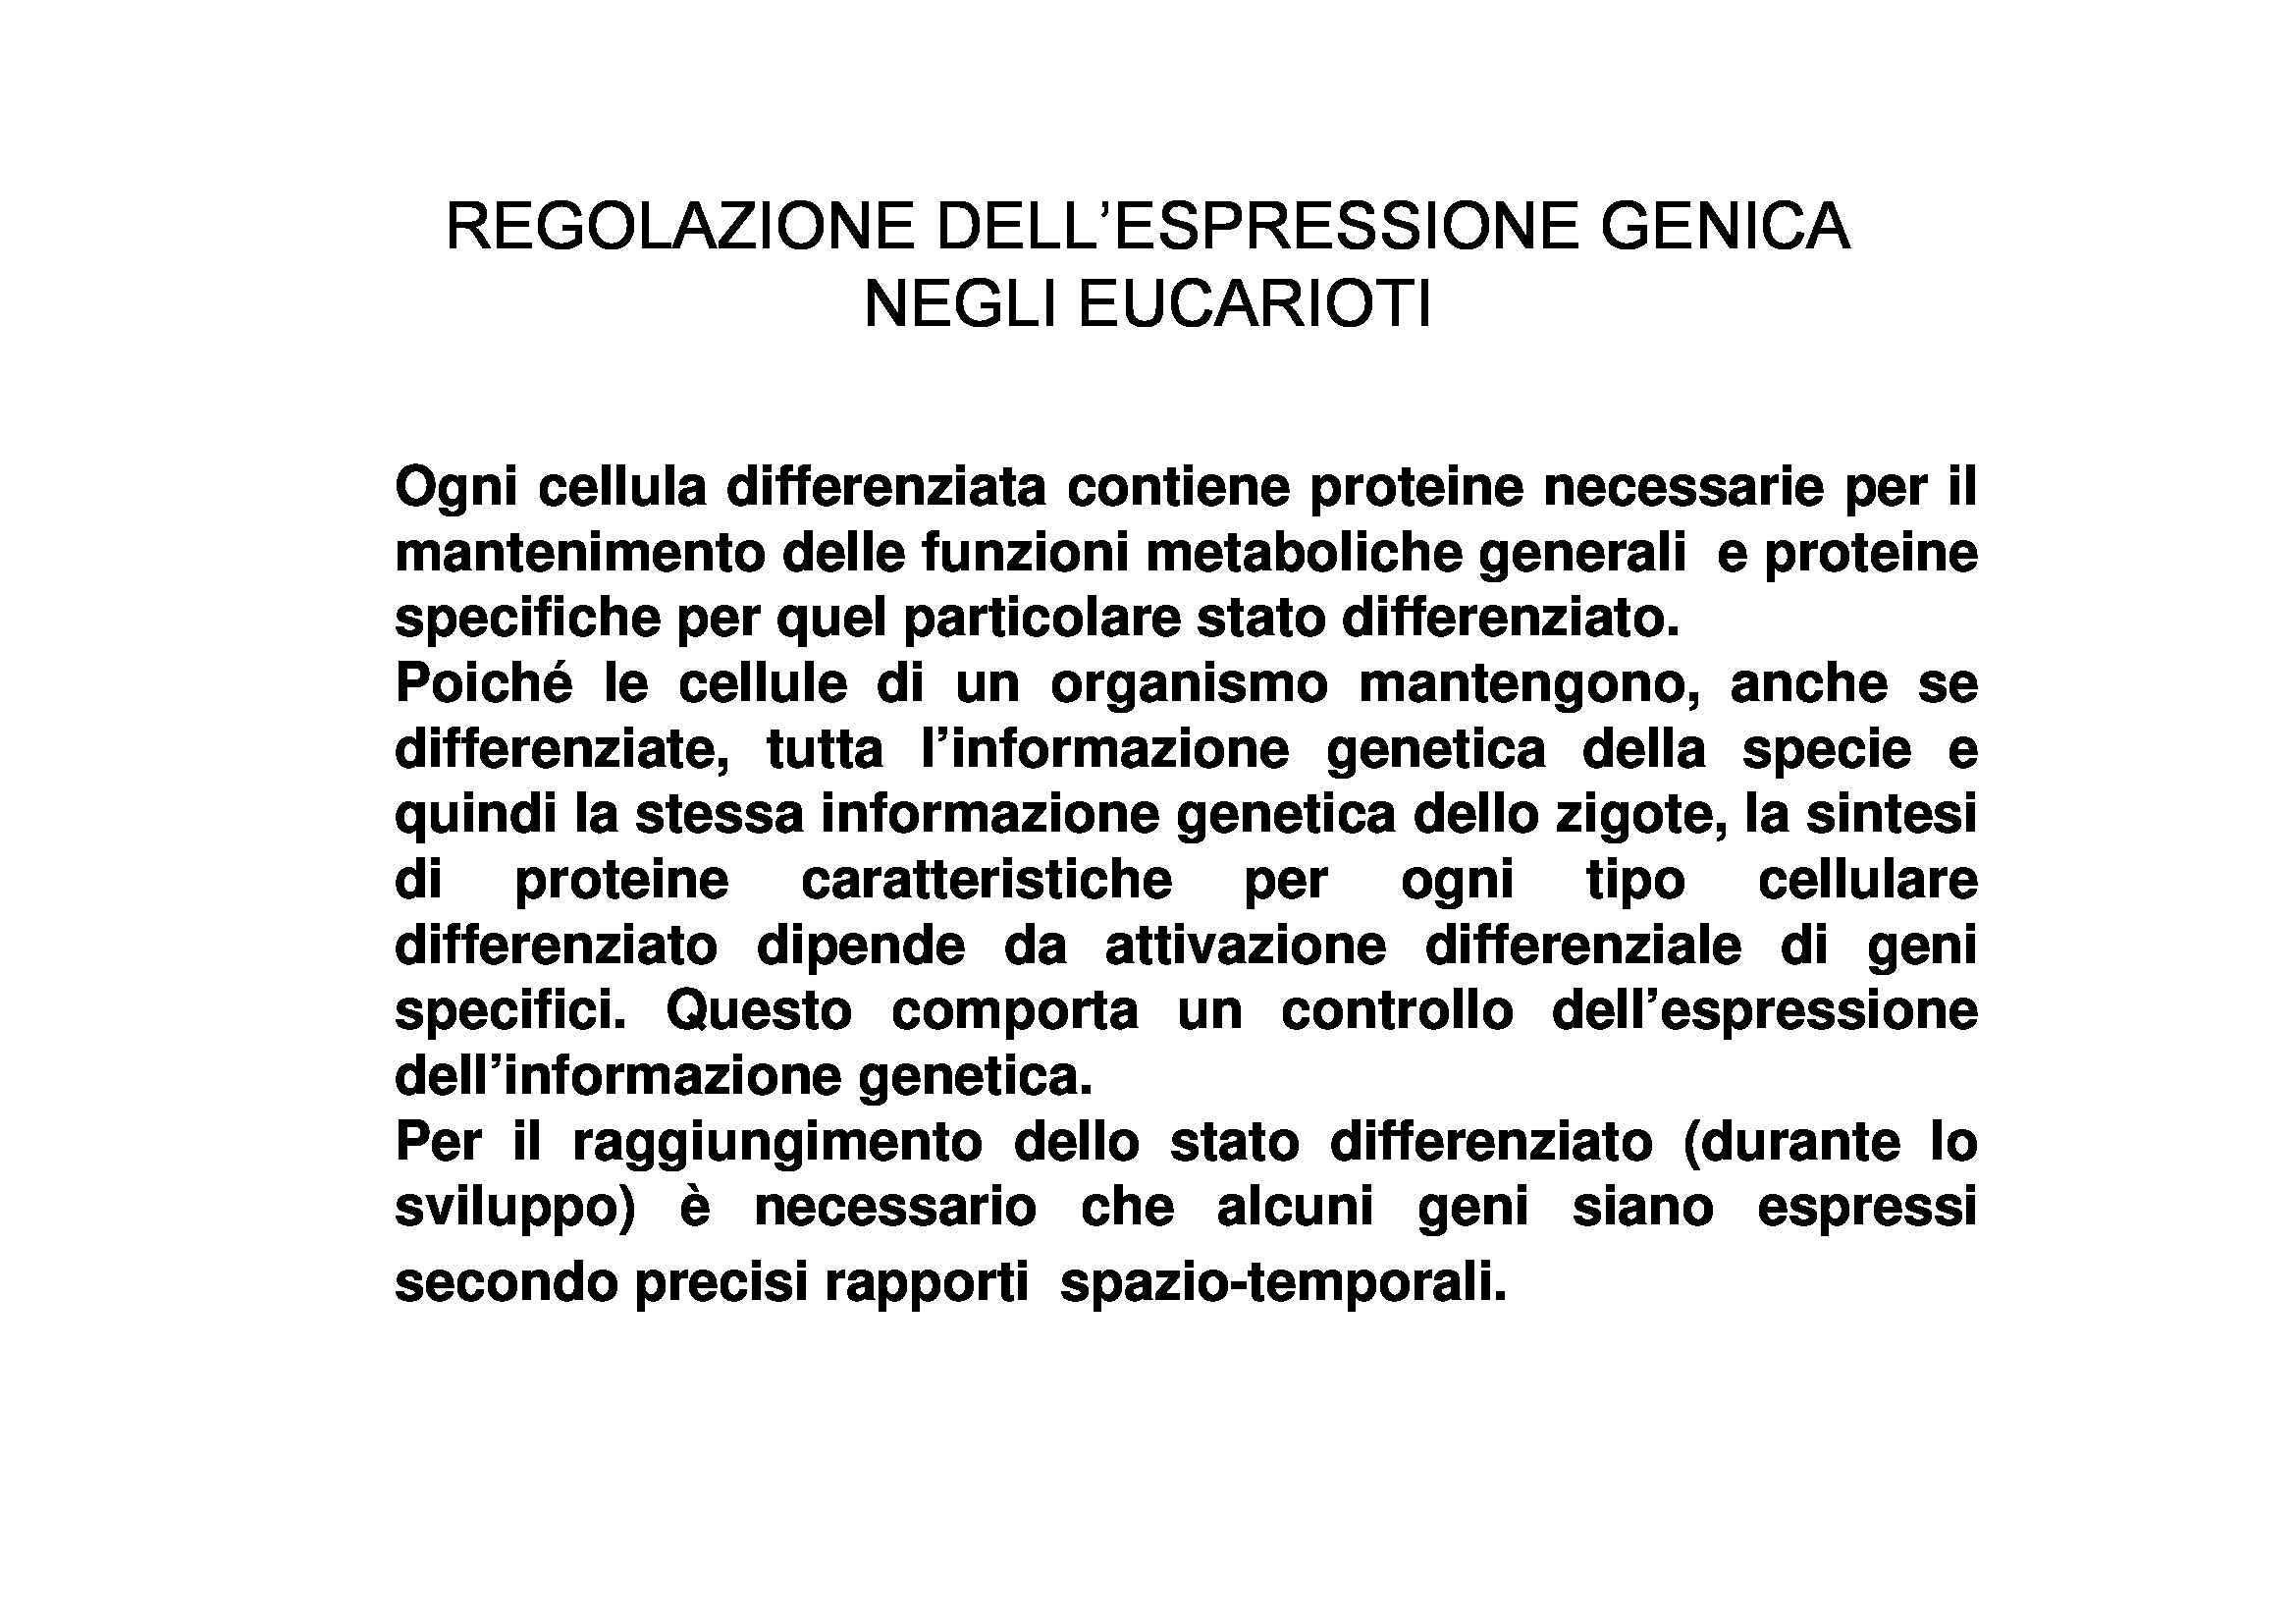 Espressione Genica negli Eucarioti - Regolazione